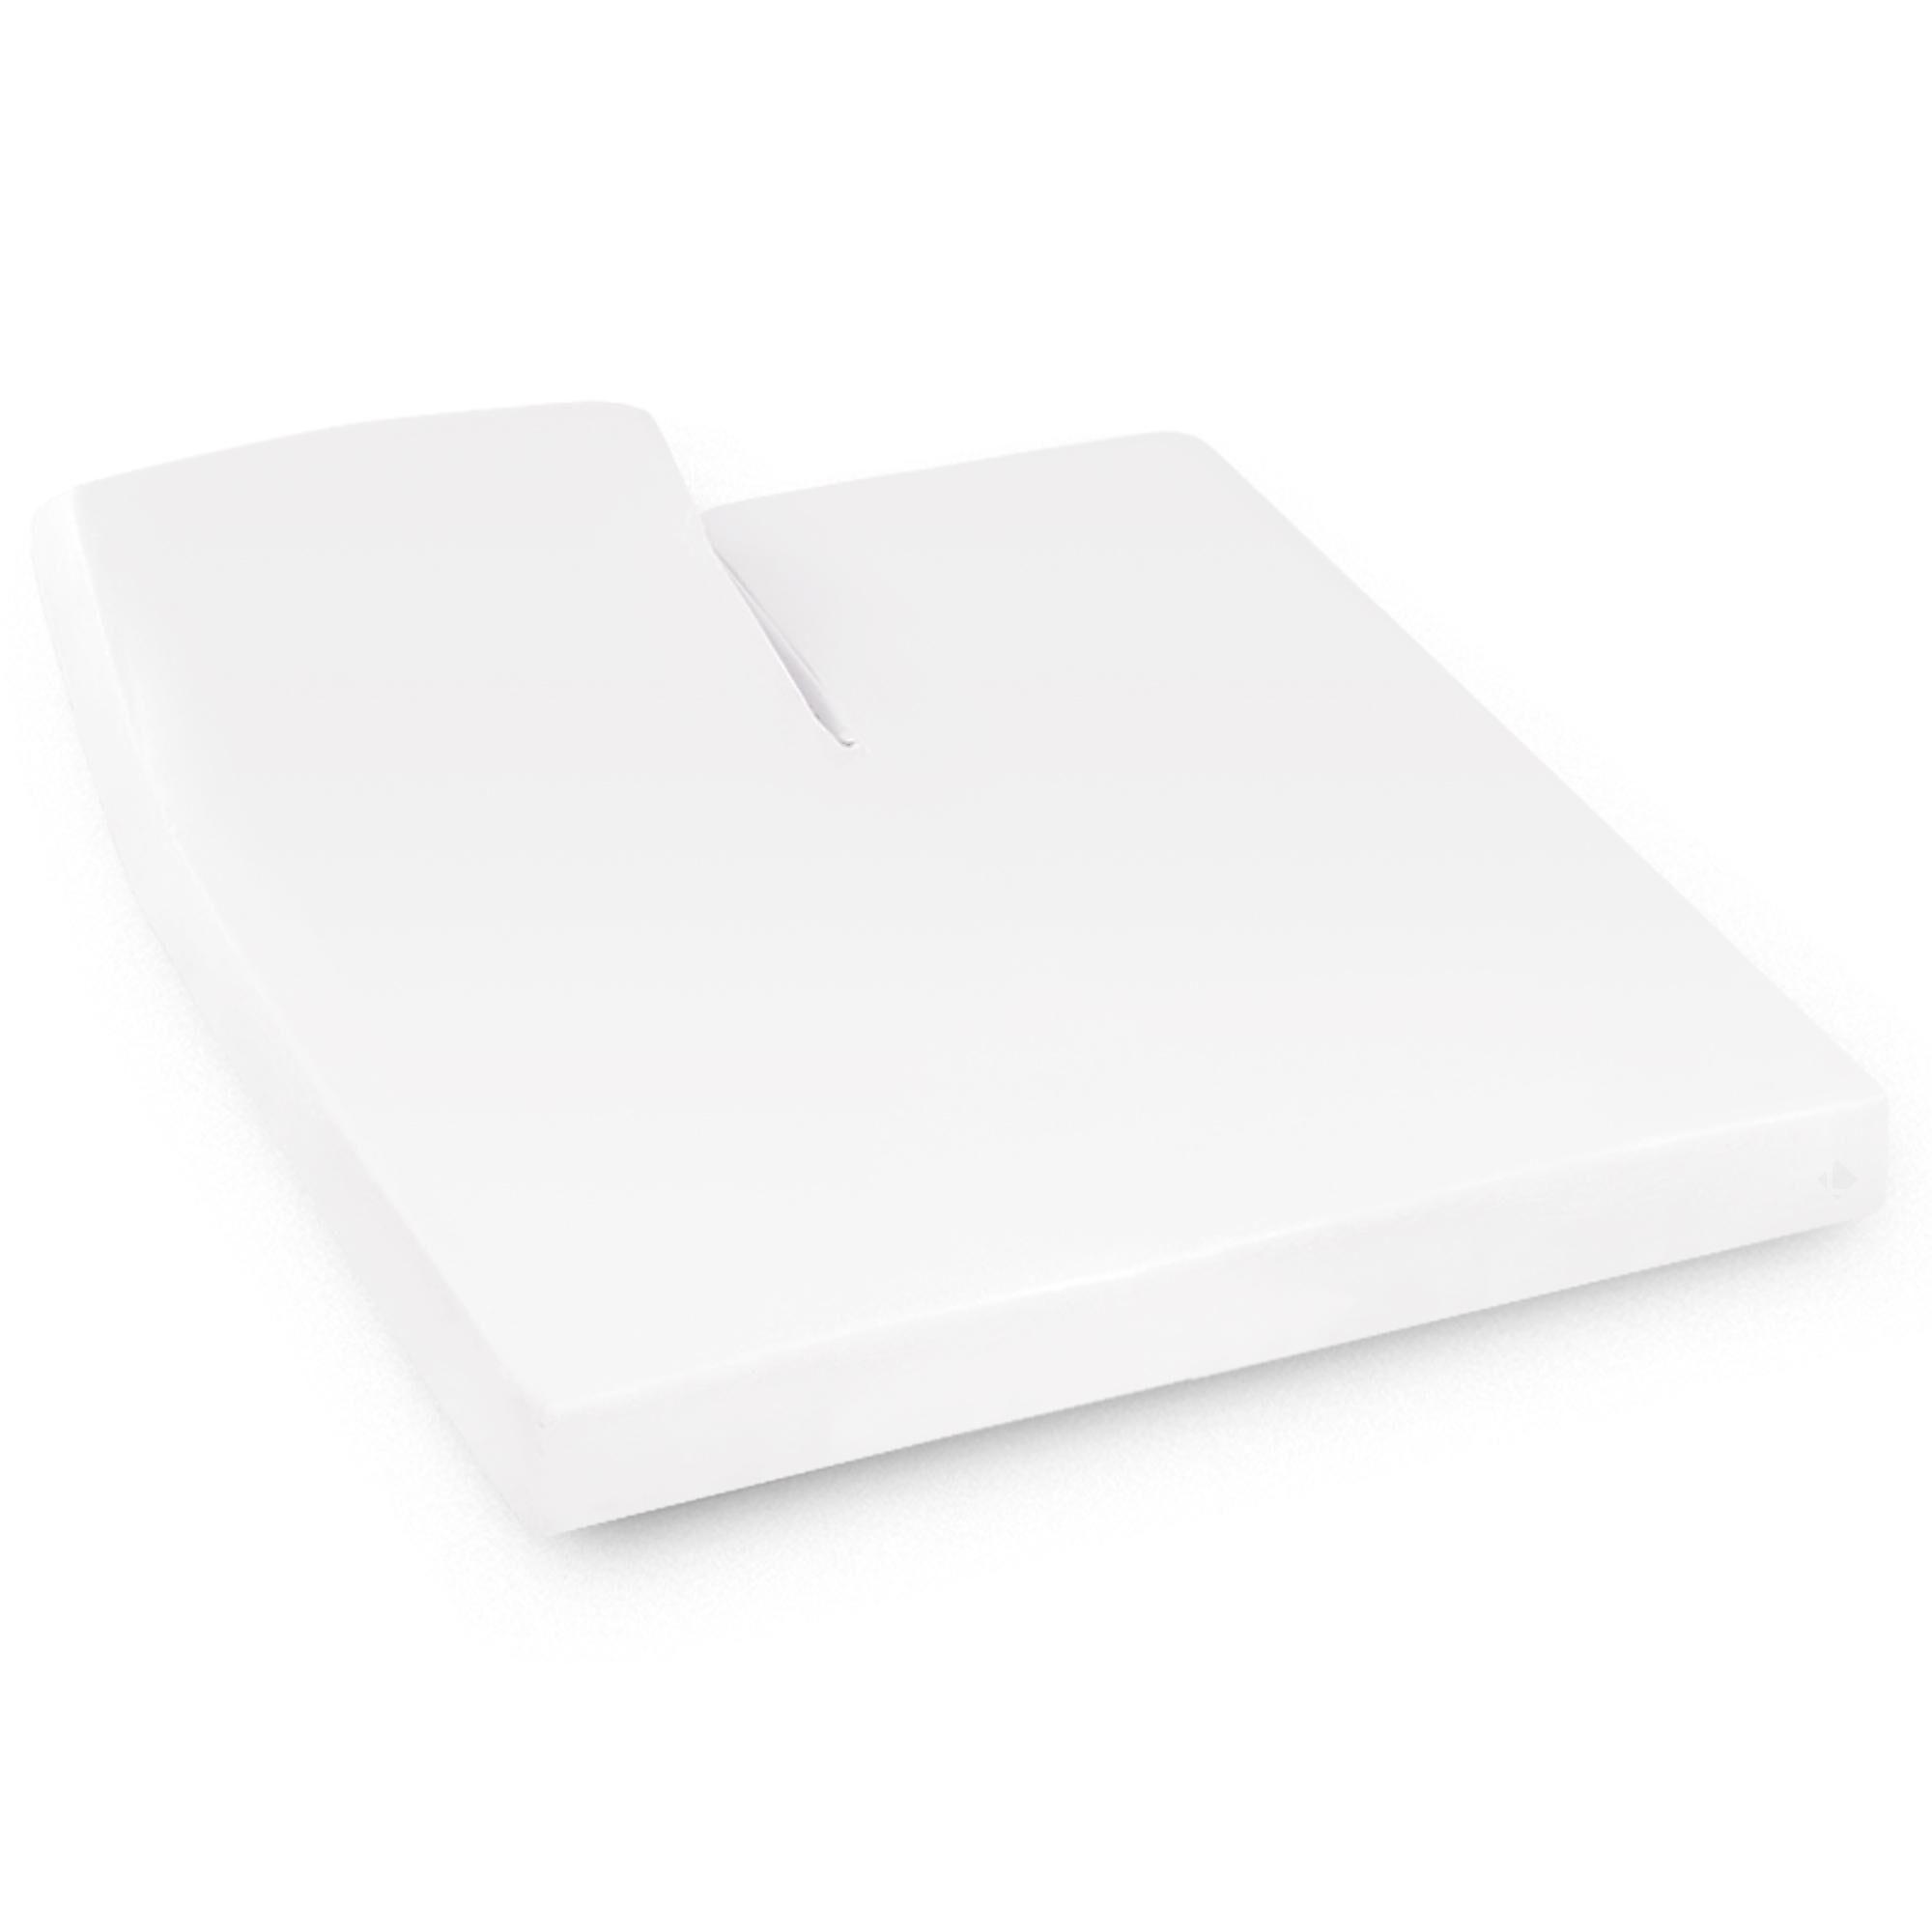 Linnea Protège matelas imperméable 2x80x220 cm lit articulé TR bonnet 40cm ARNON molleton 100% coton contrecollé polyuréthane